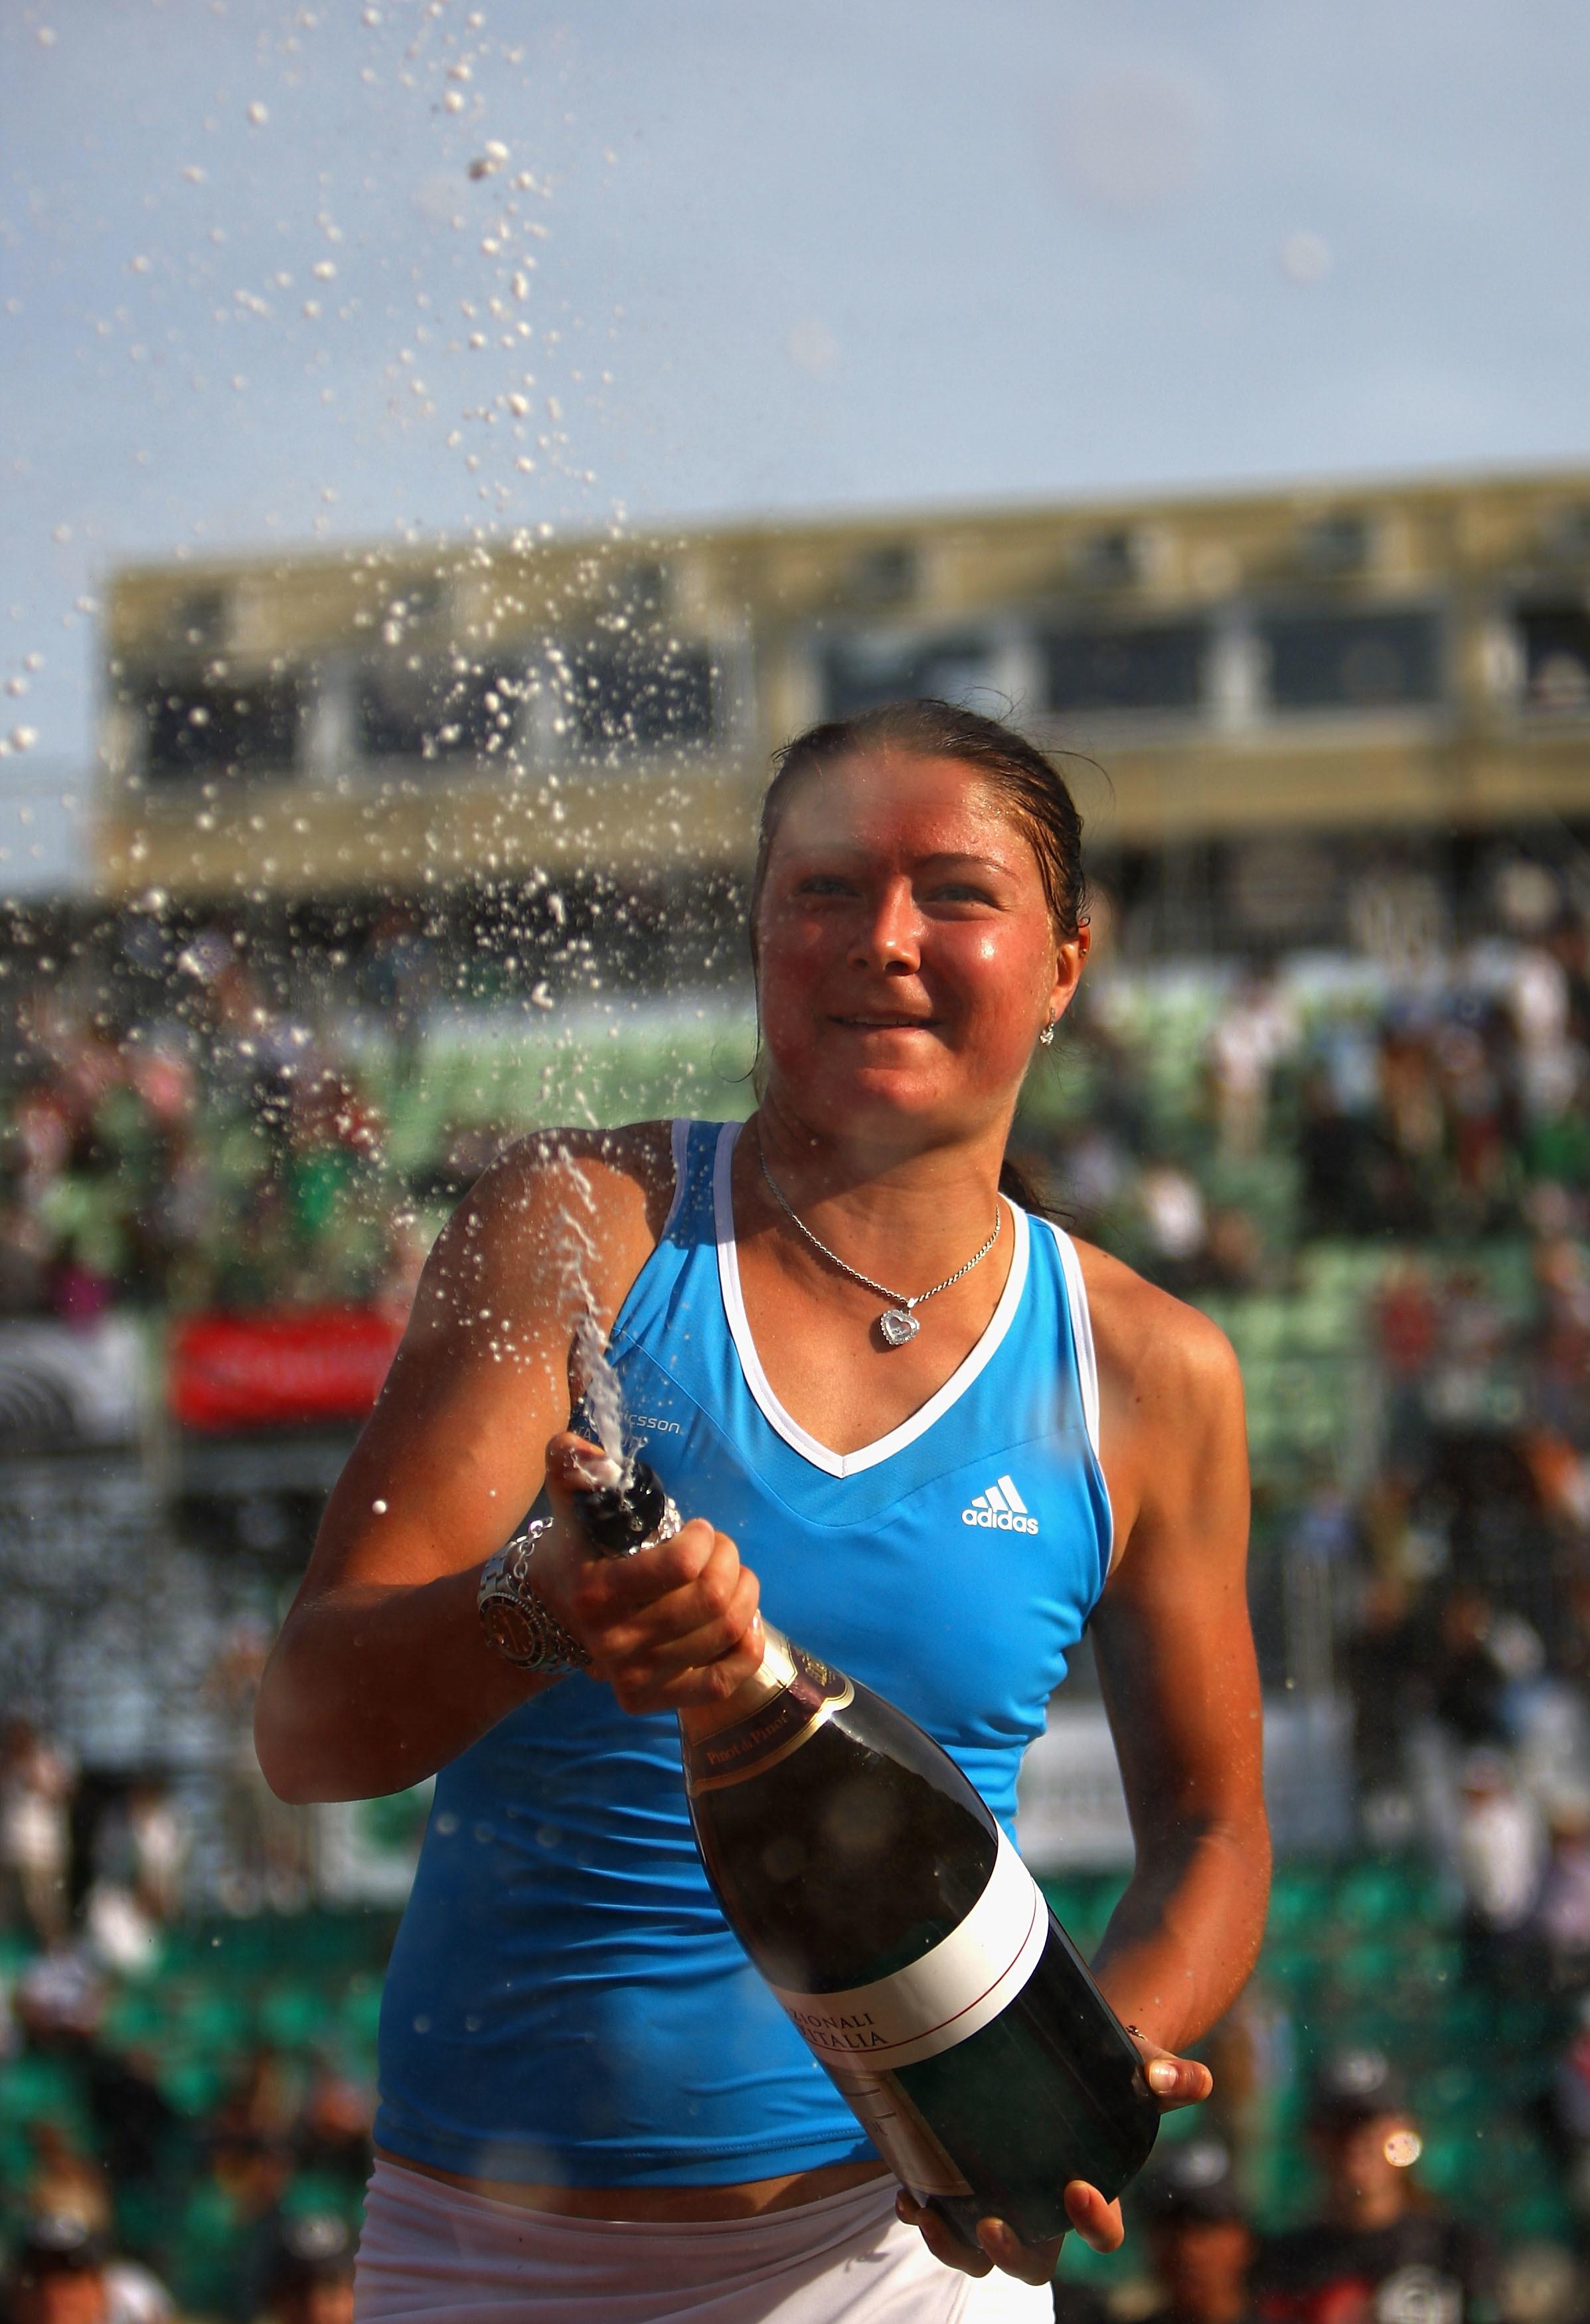 Nel 2009 la regina del Foro Italico è stata Dinara Safina, che in una finale tutta russa ha sconfitto Svetlana Kuznetsova, conquistando così uno dei successi più prestigiosi della sua carriera.